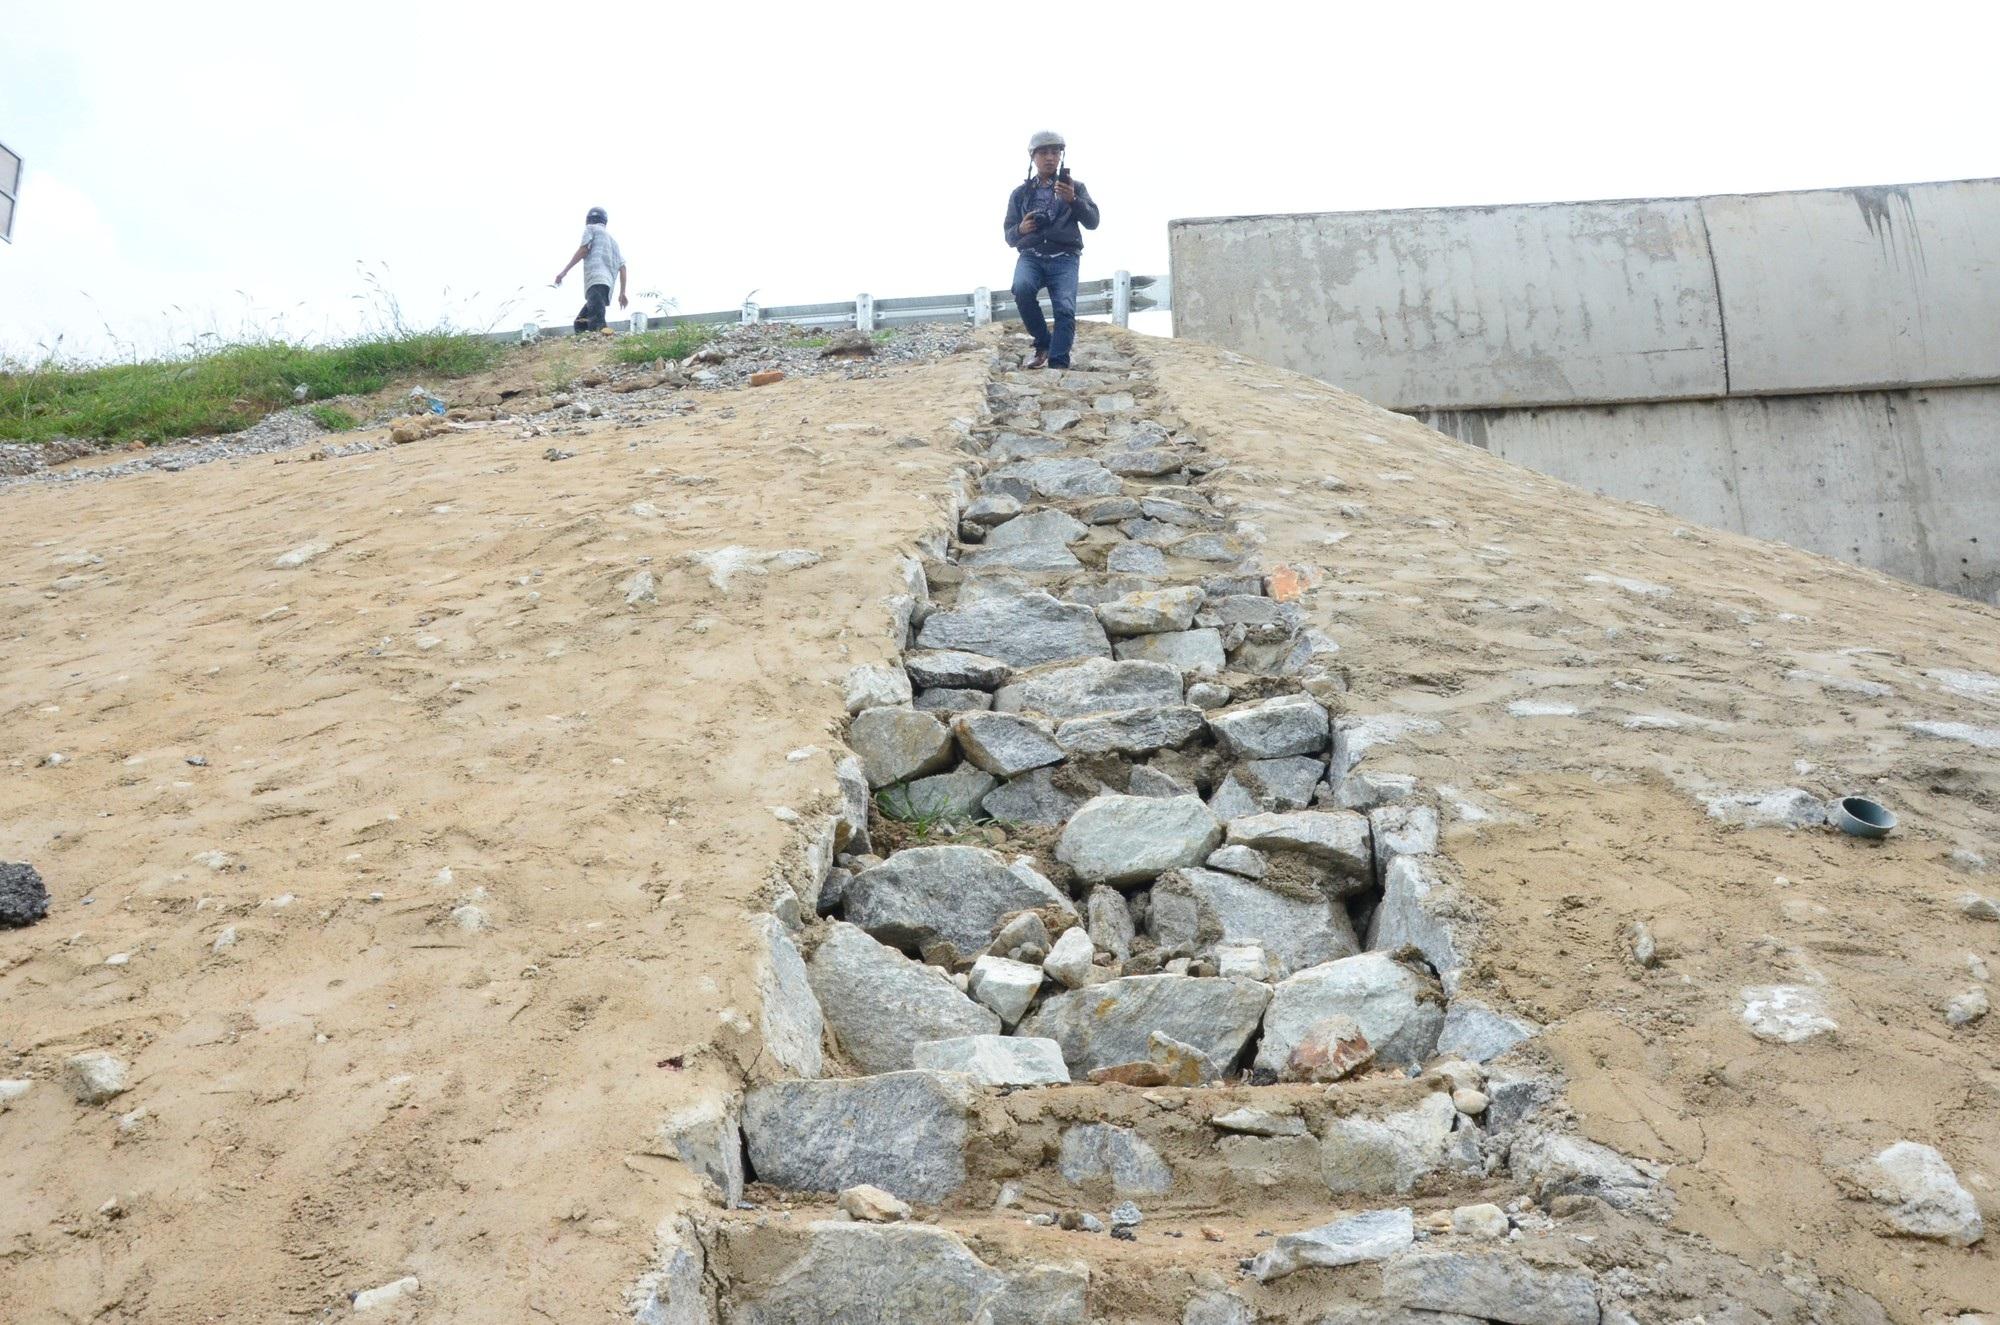 Cao tốc Đà Nẵng - Quảng Ngãi: Bê tông mái taluy vỡ vụn - Ảnh 4.